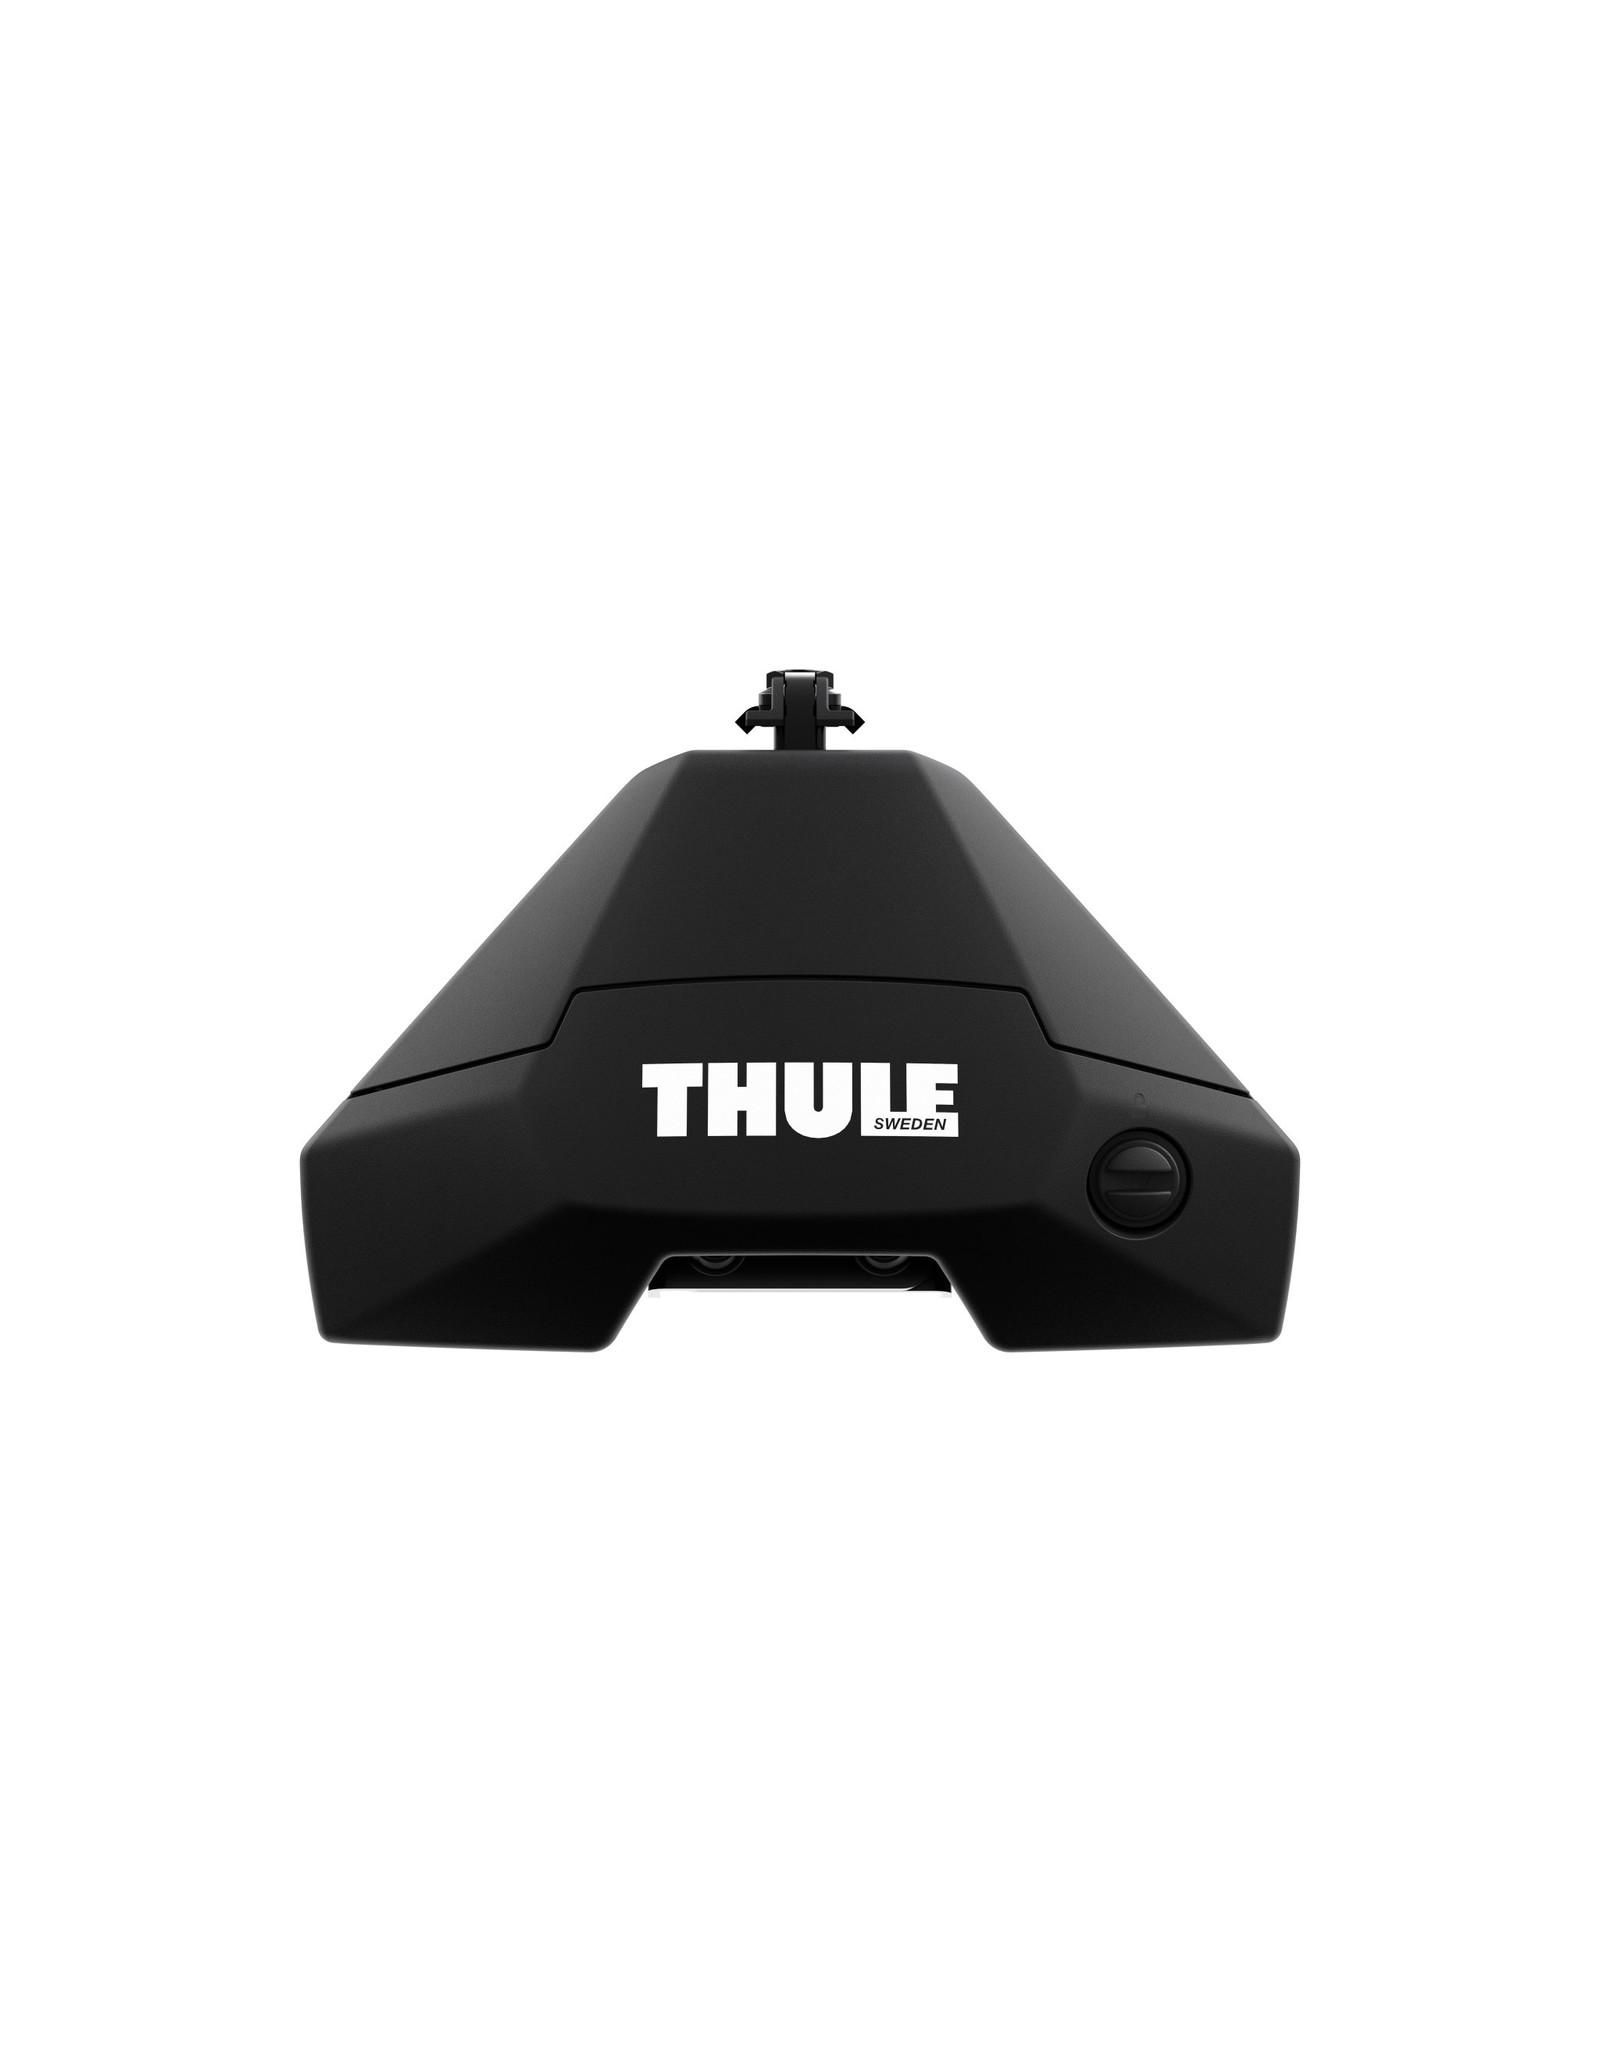 THULE Evo Clamp Black (4 pack)